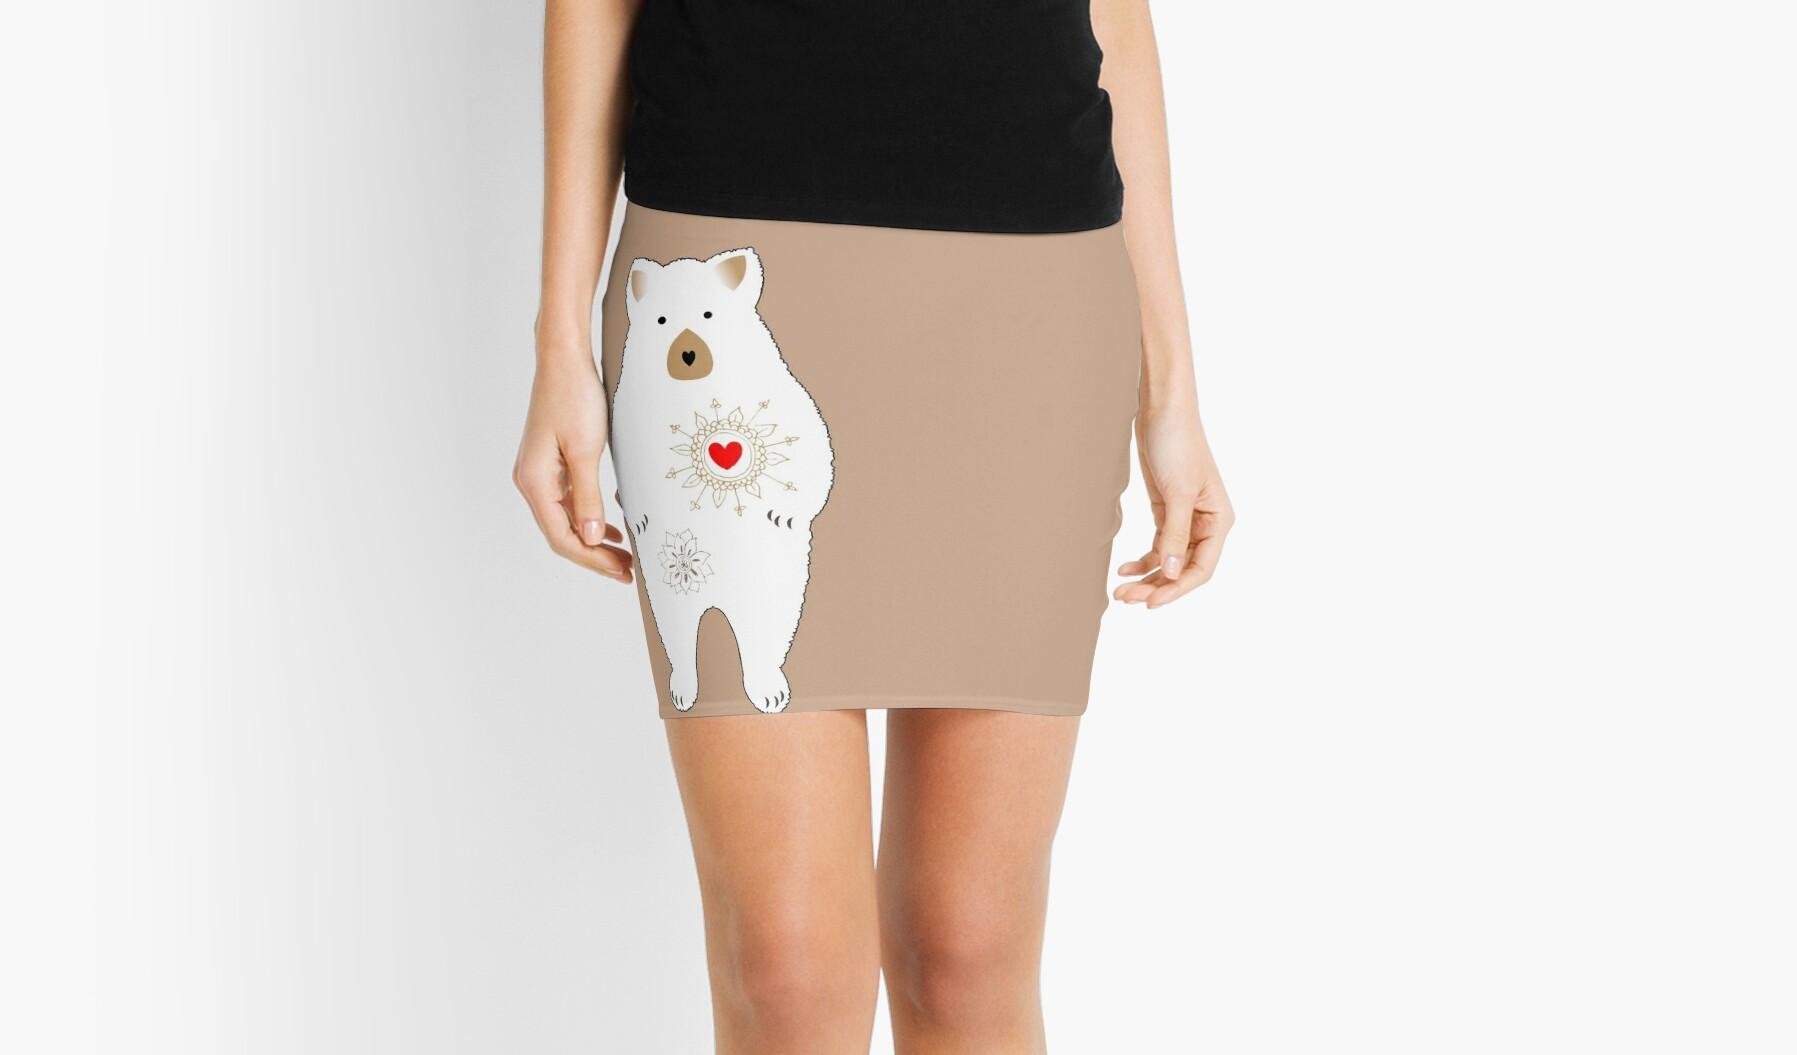 Cute Cuddly Fun Teddy Bear Design by Artification